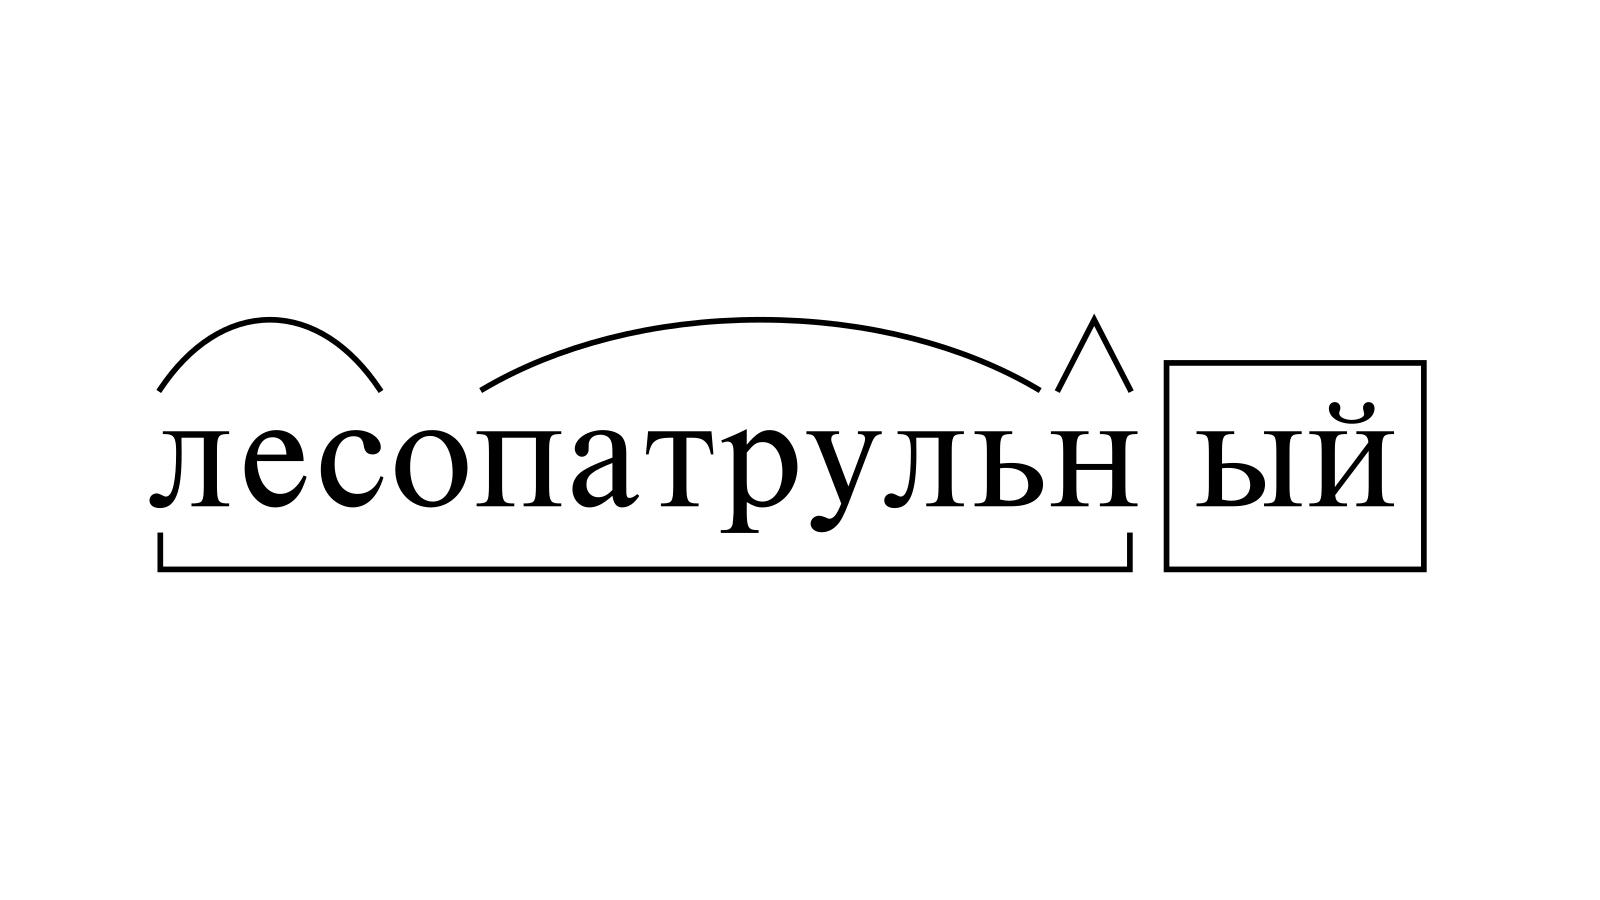 Разбор слова «лесопатрульный» по составу